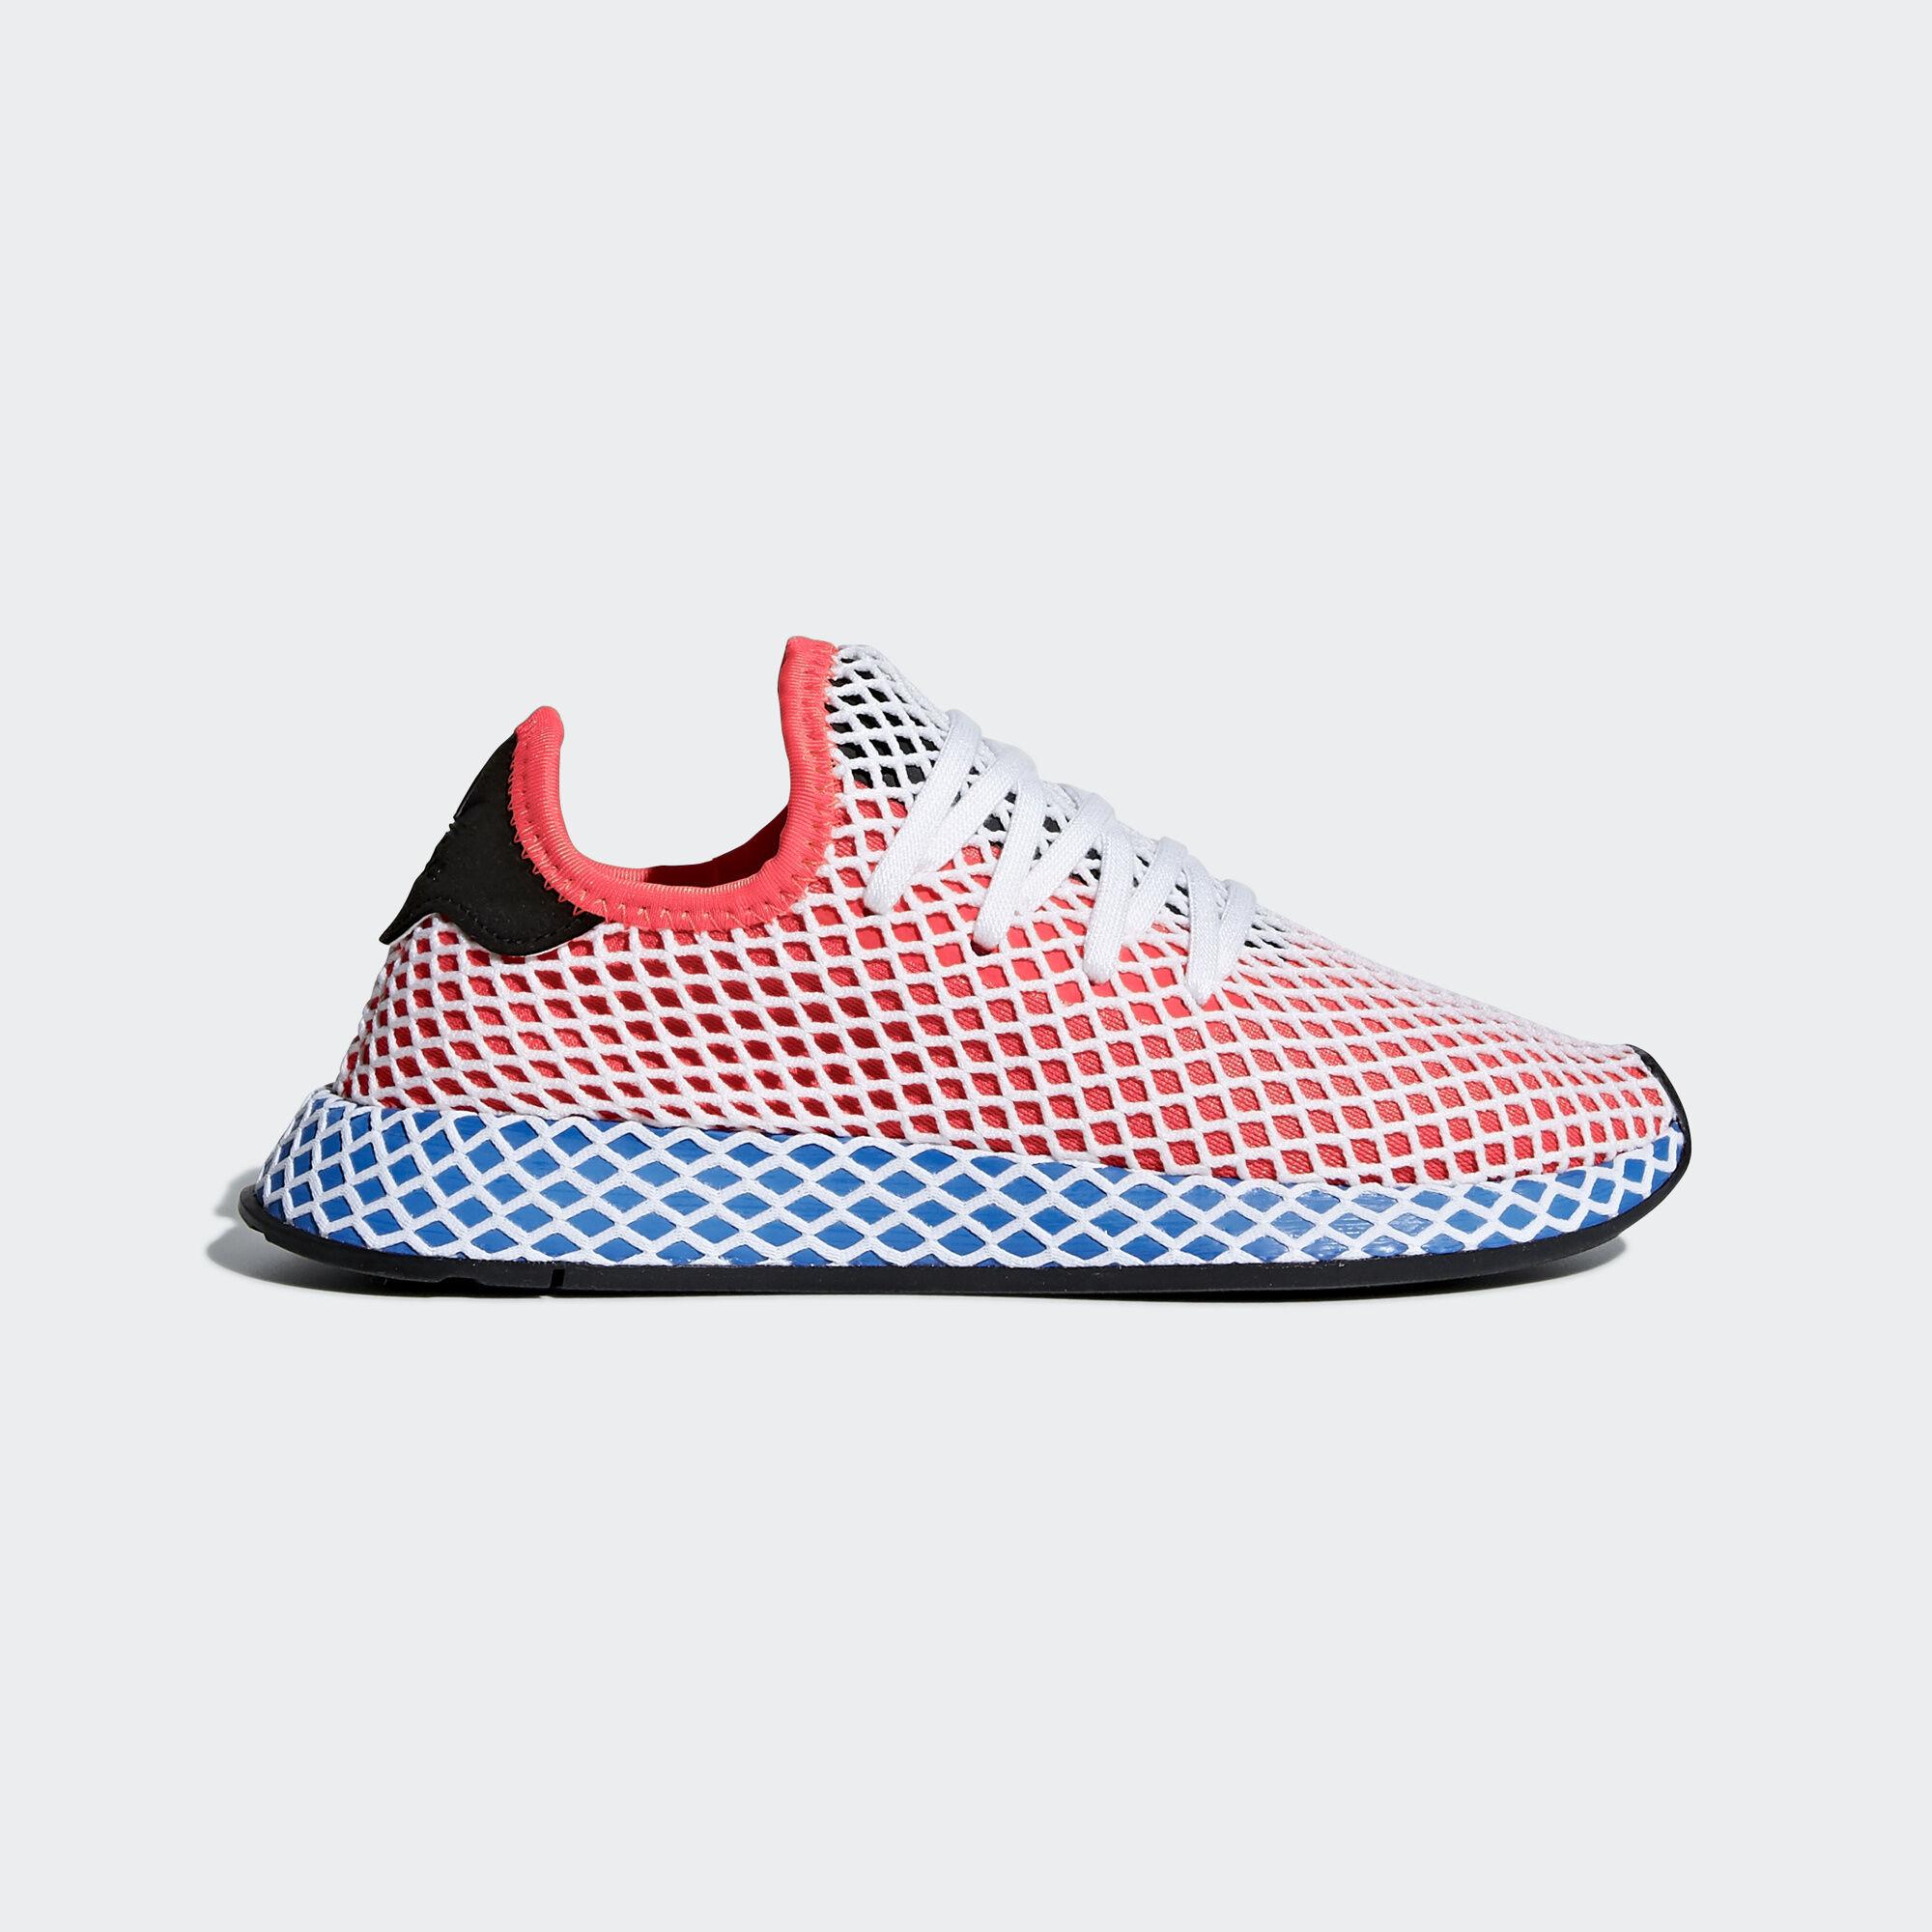 adidas - Deerupt Runner Shoes Solar Red/Solar Red/Bluebird DA9610